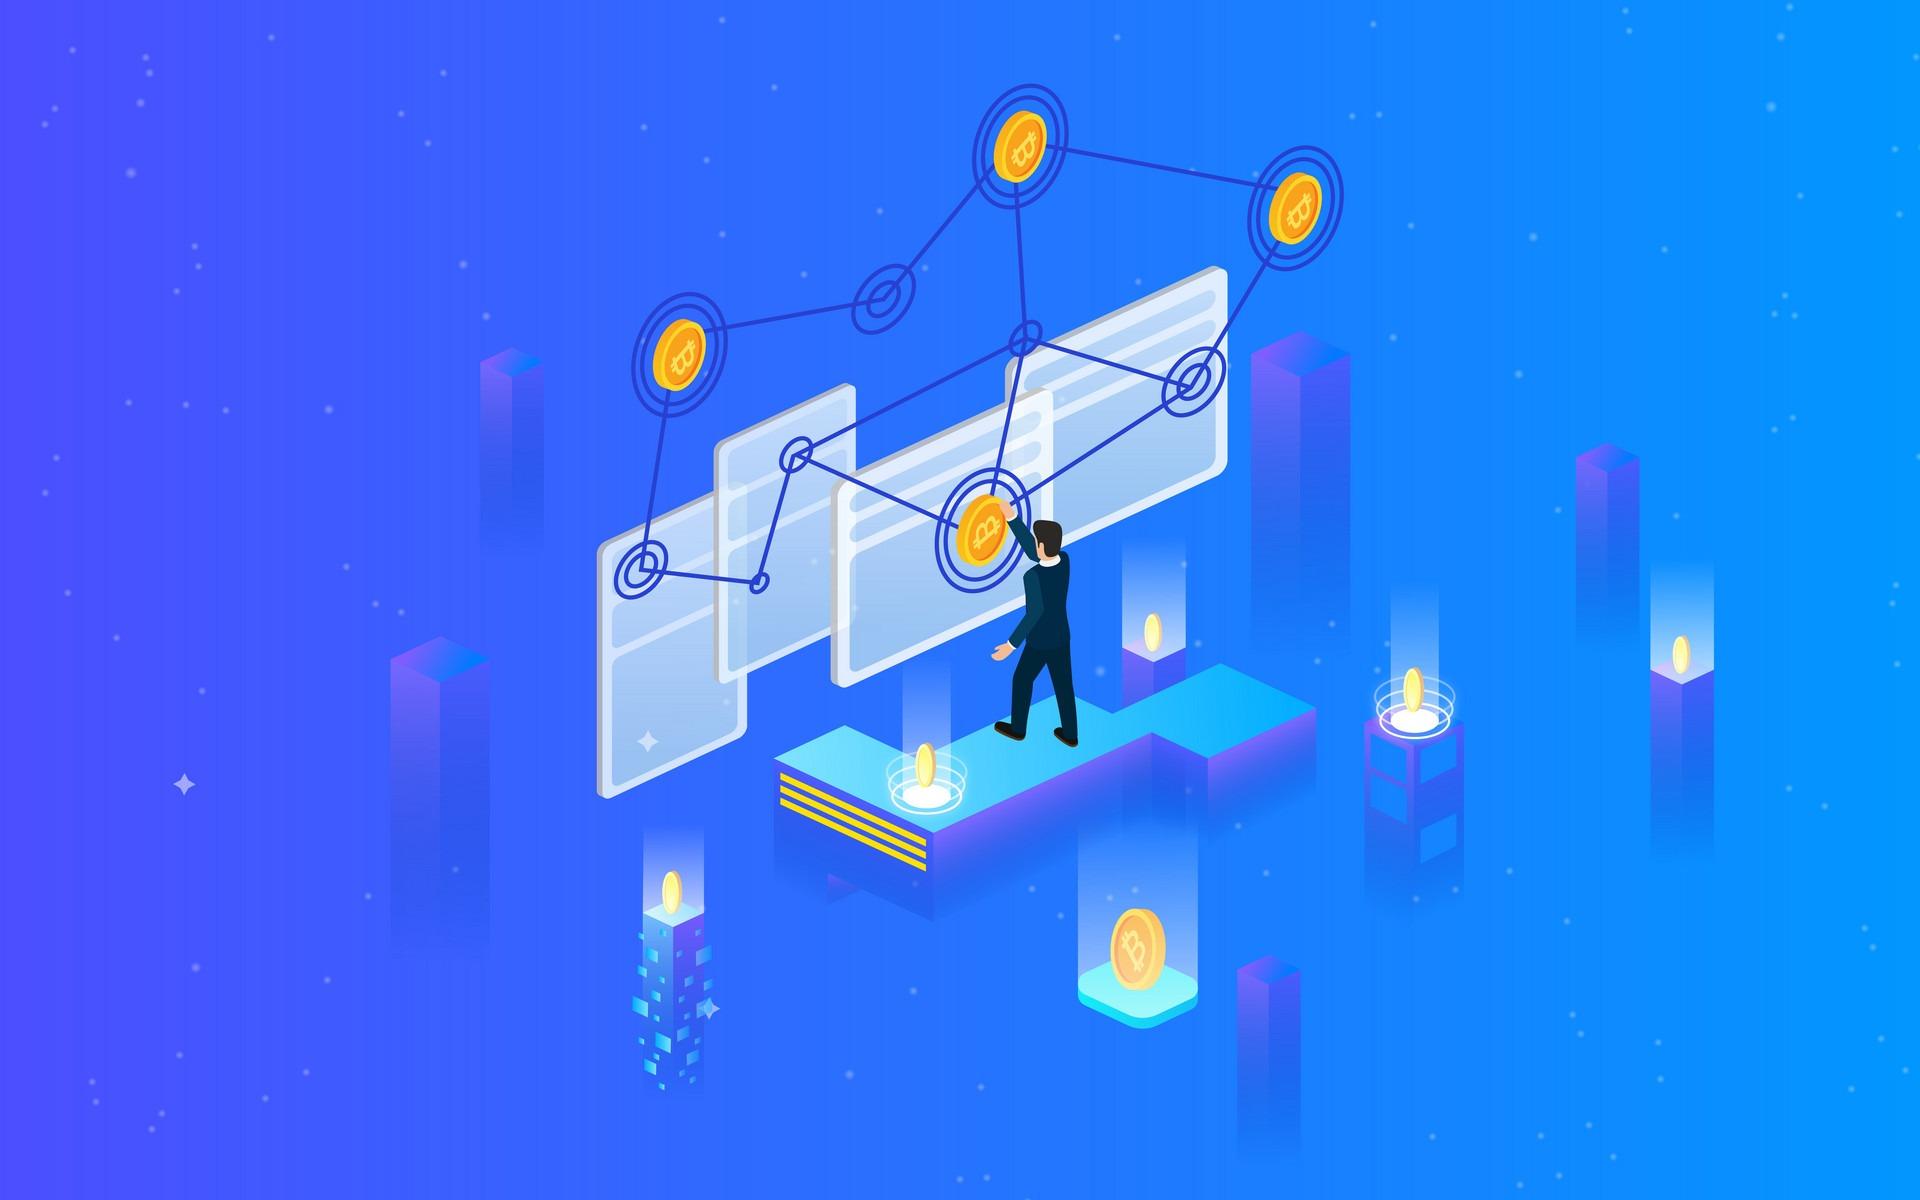 韩国农协银行成立聚焦区块链等技术的数字研发中心